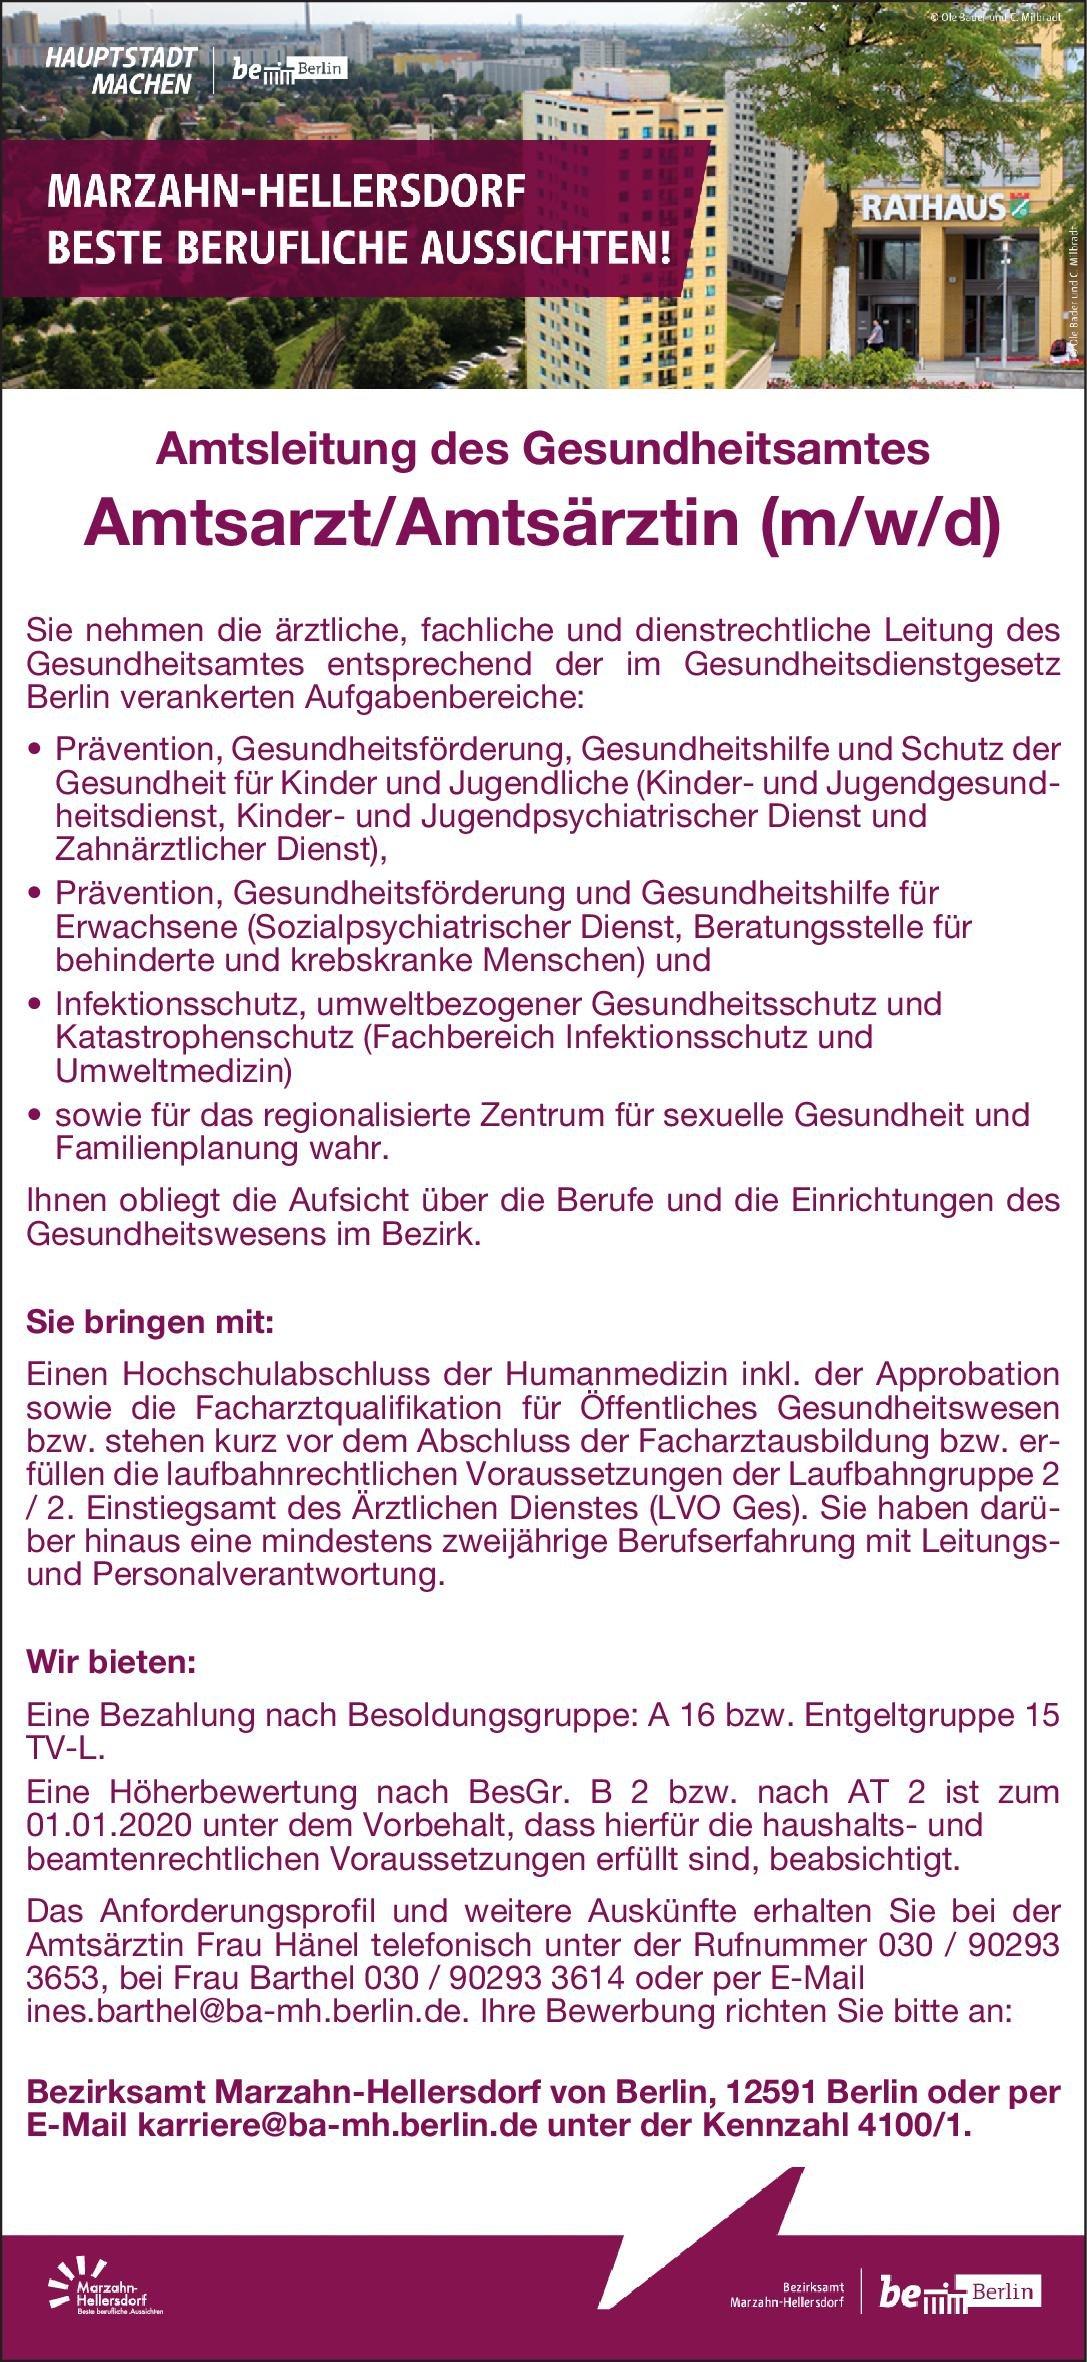 Bezirksamt Marzahn-Hellersdorf von Berlin Amtsarzt/Amtsärztin (m/w/d) Öffentliches Gesundheitswesen Arzt / Facharzt